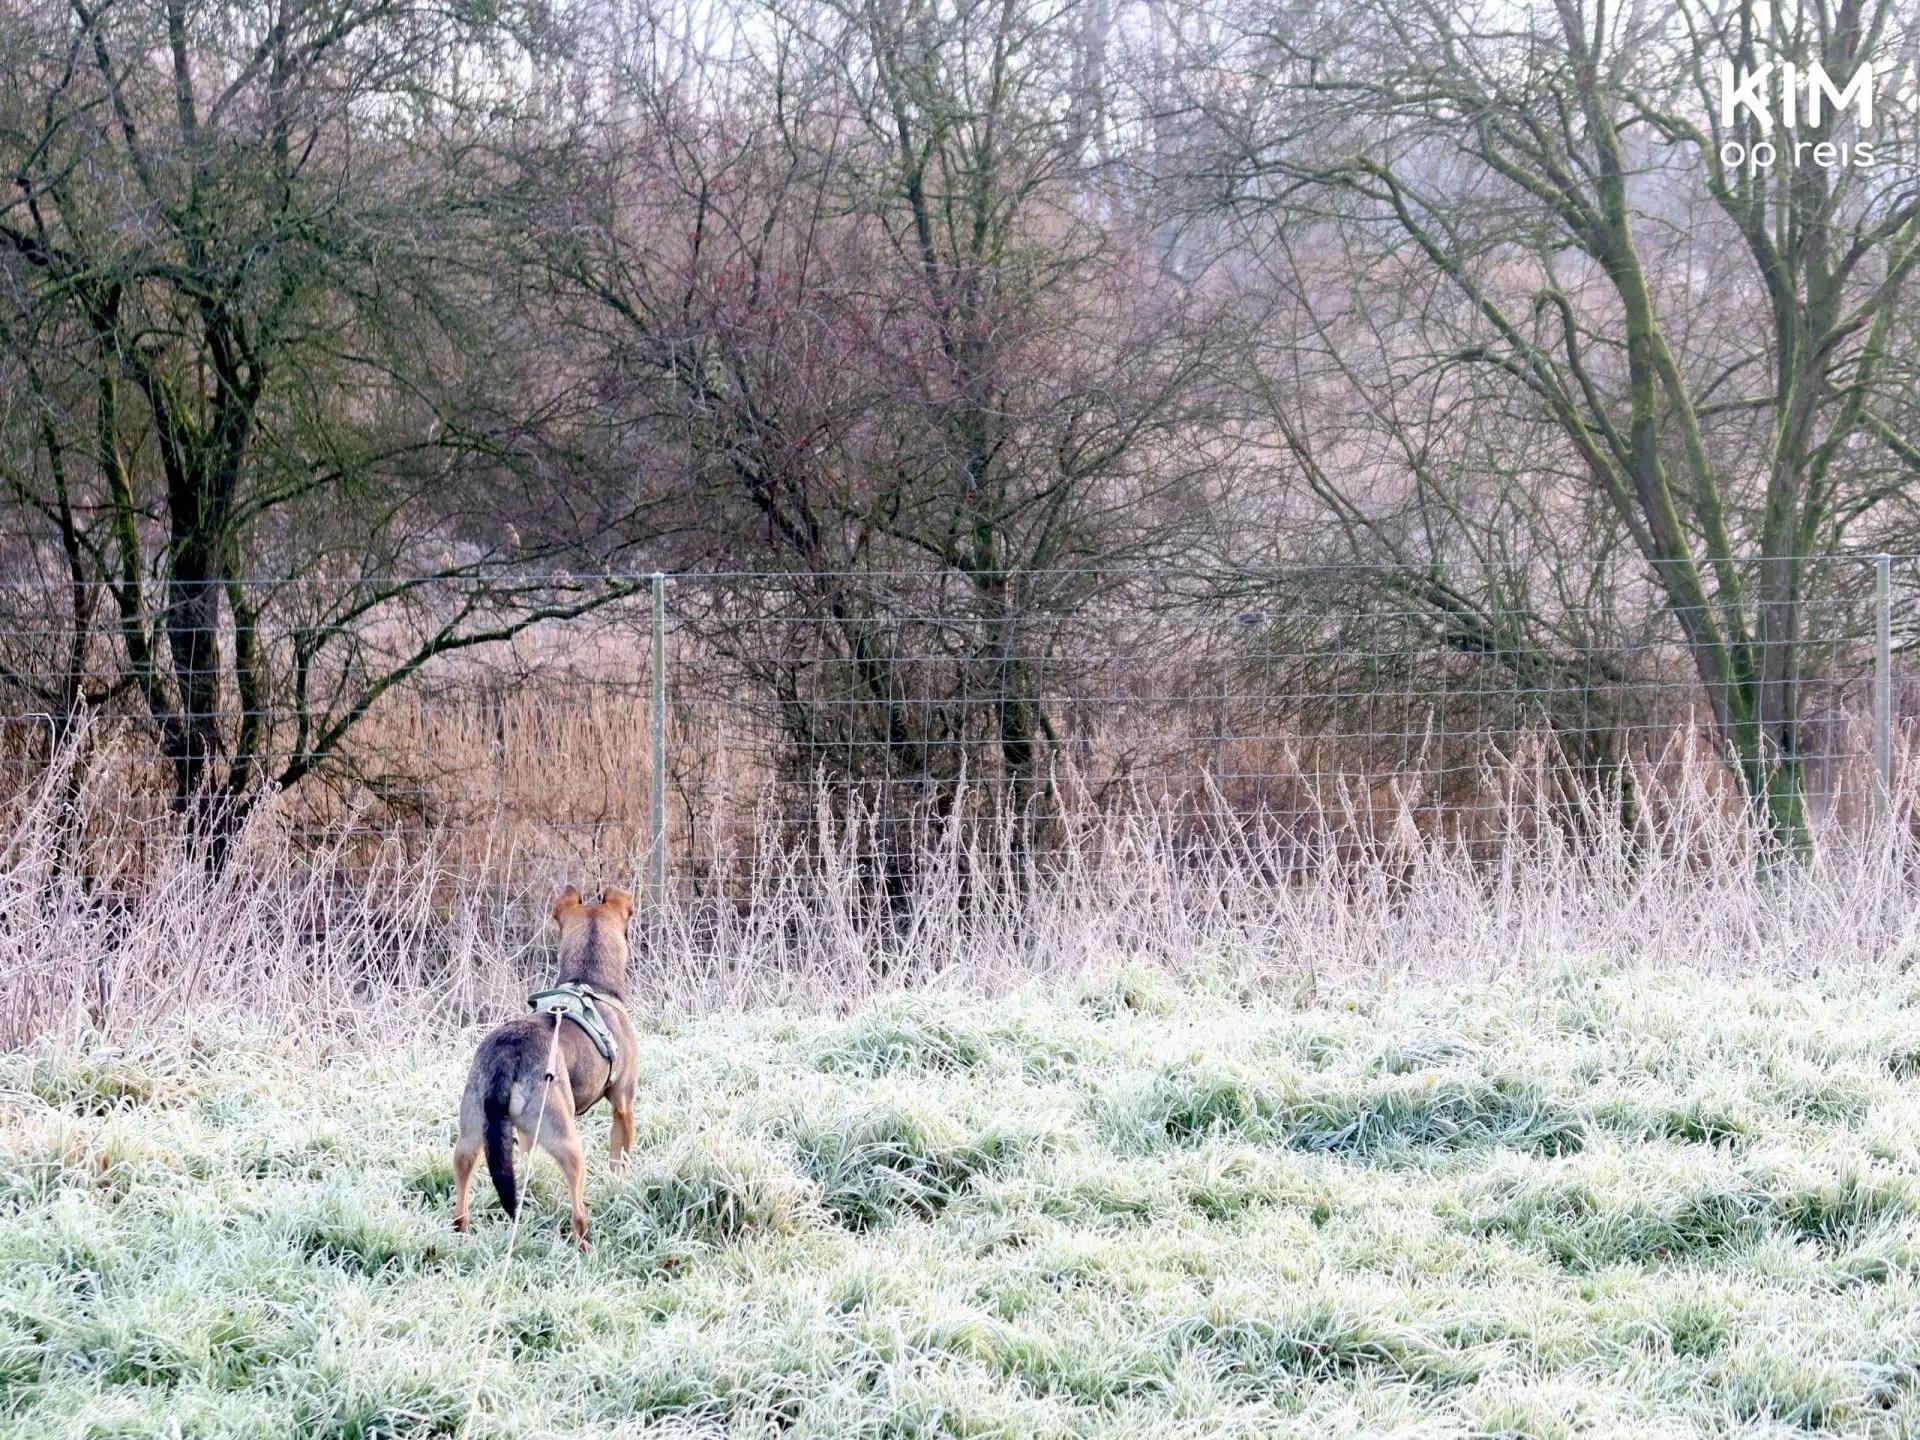 Natuurpark Lelystad wandelen met de hond: hond speurt de omgeving af